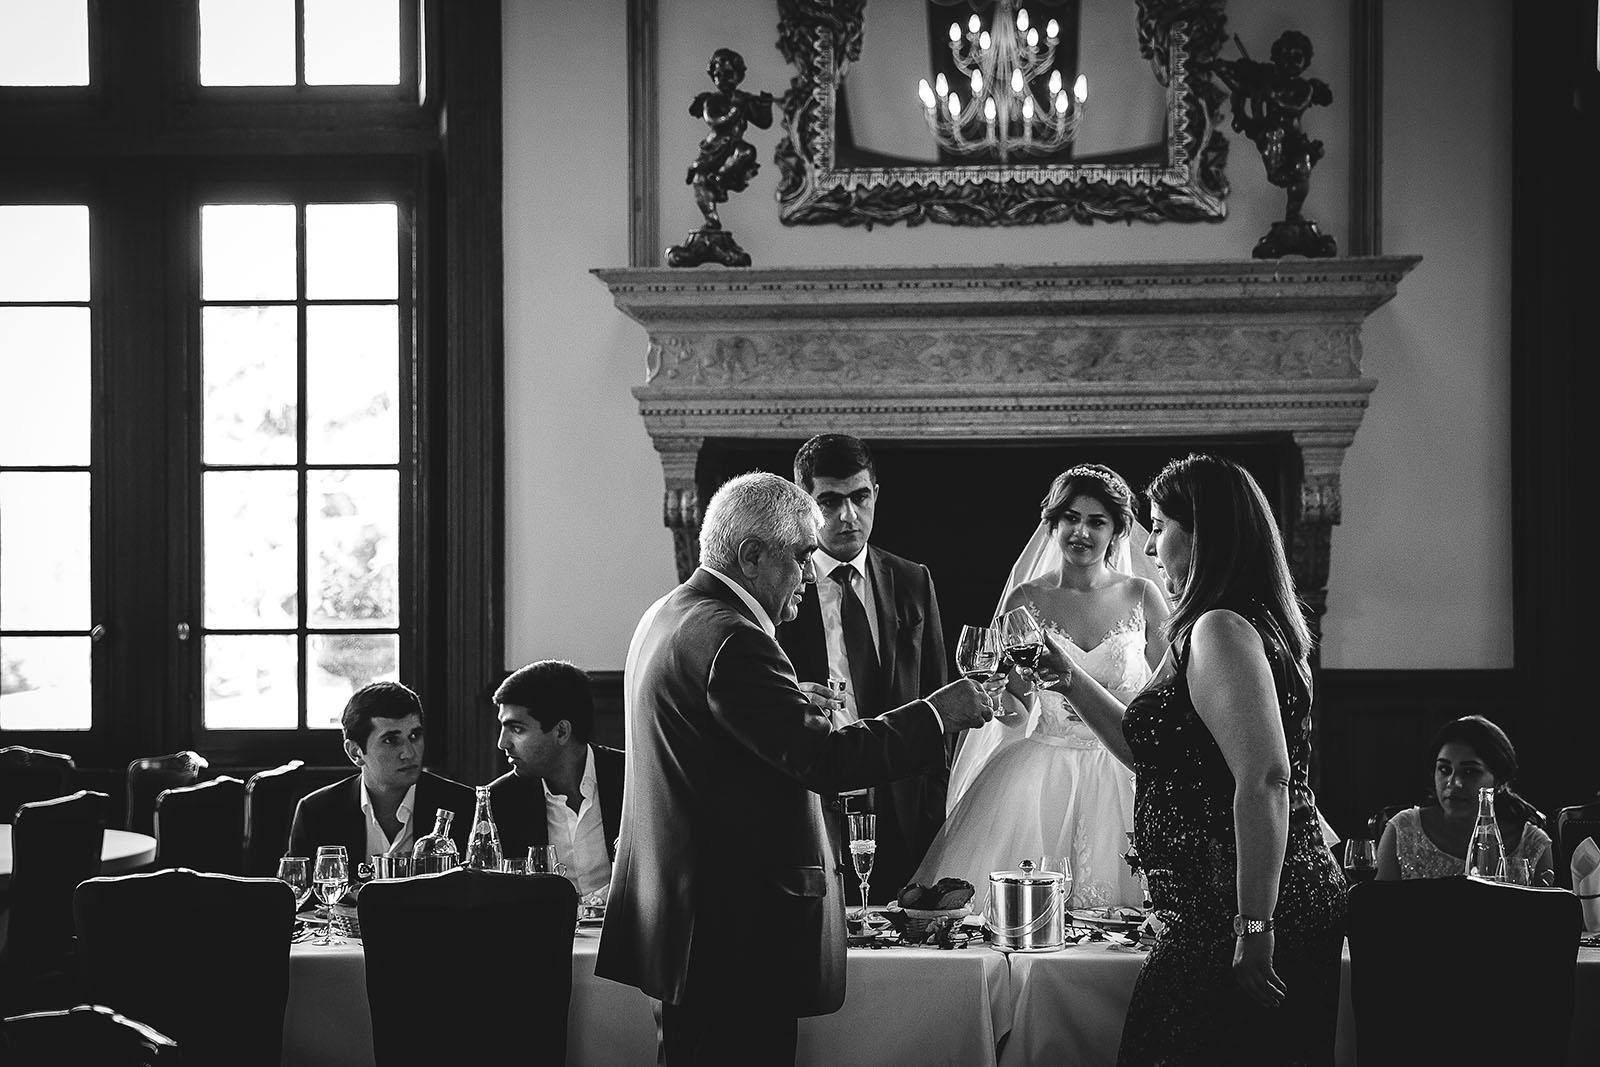 Mariage au Château de Beguin David Pommier photographe de mariage. Les mariés trinquent avec leur parent